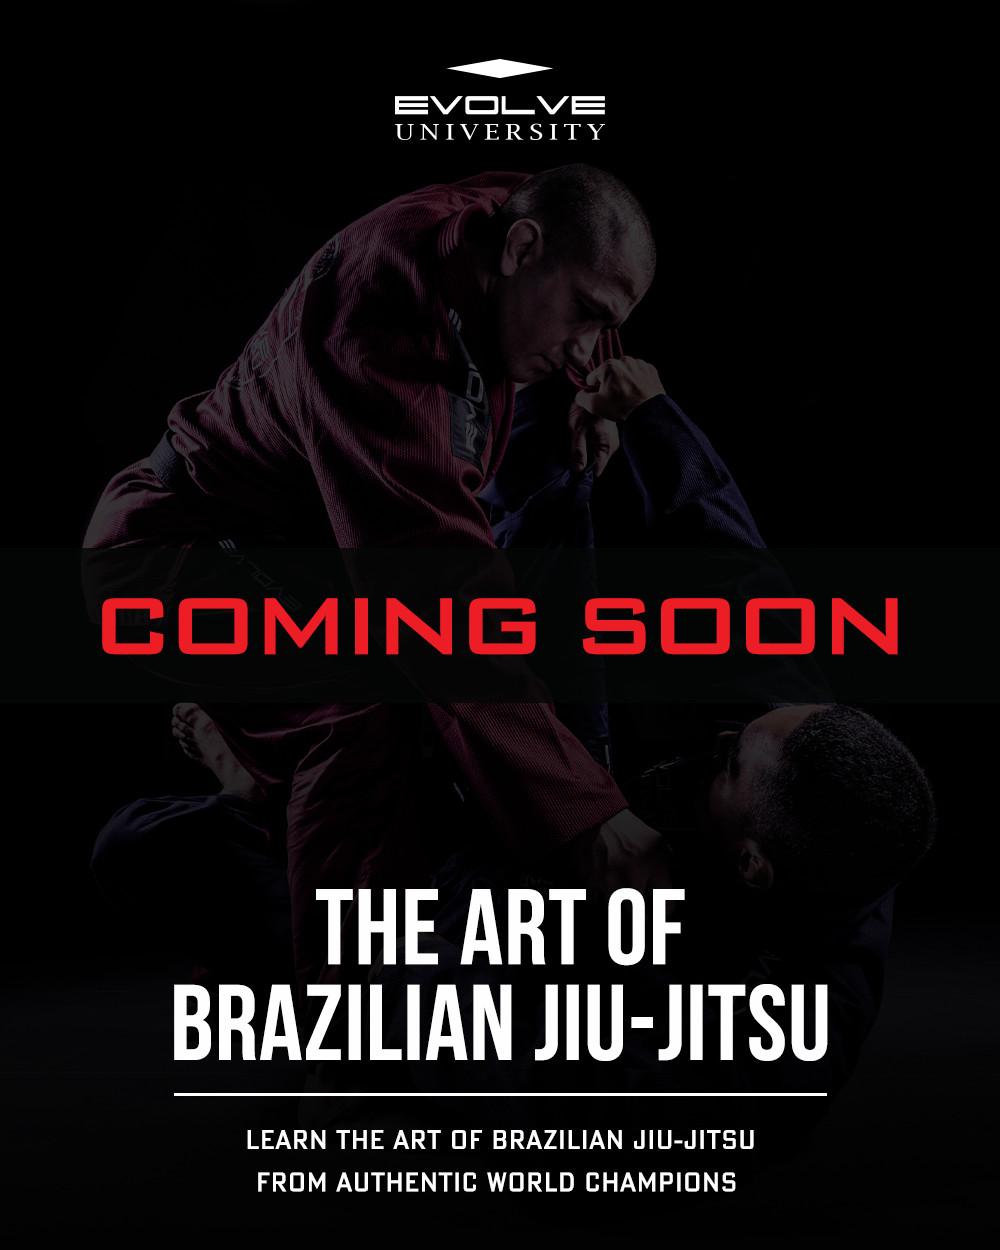 The Art Of Brazilian Jiu-Jitsu